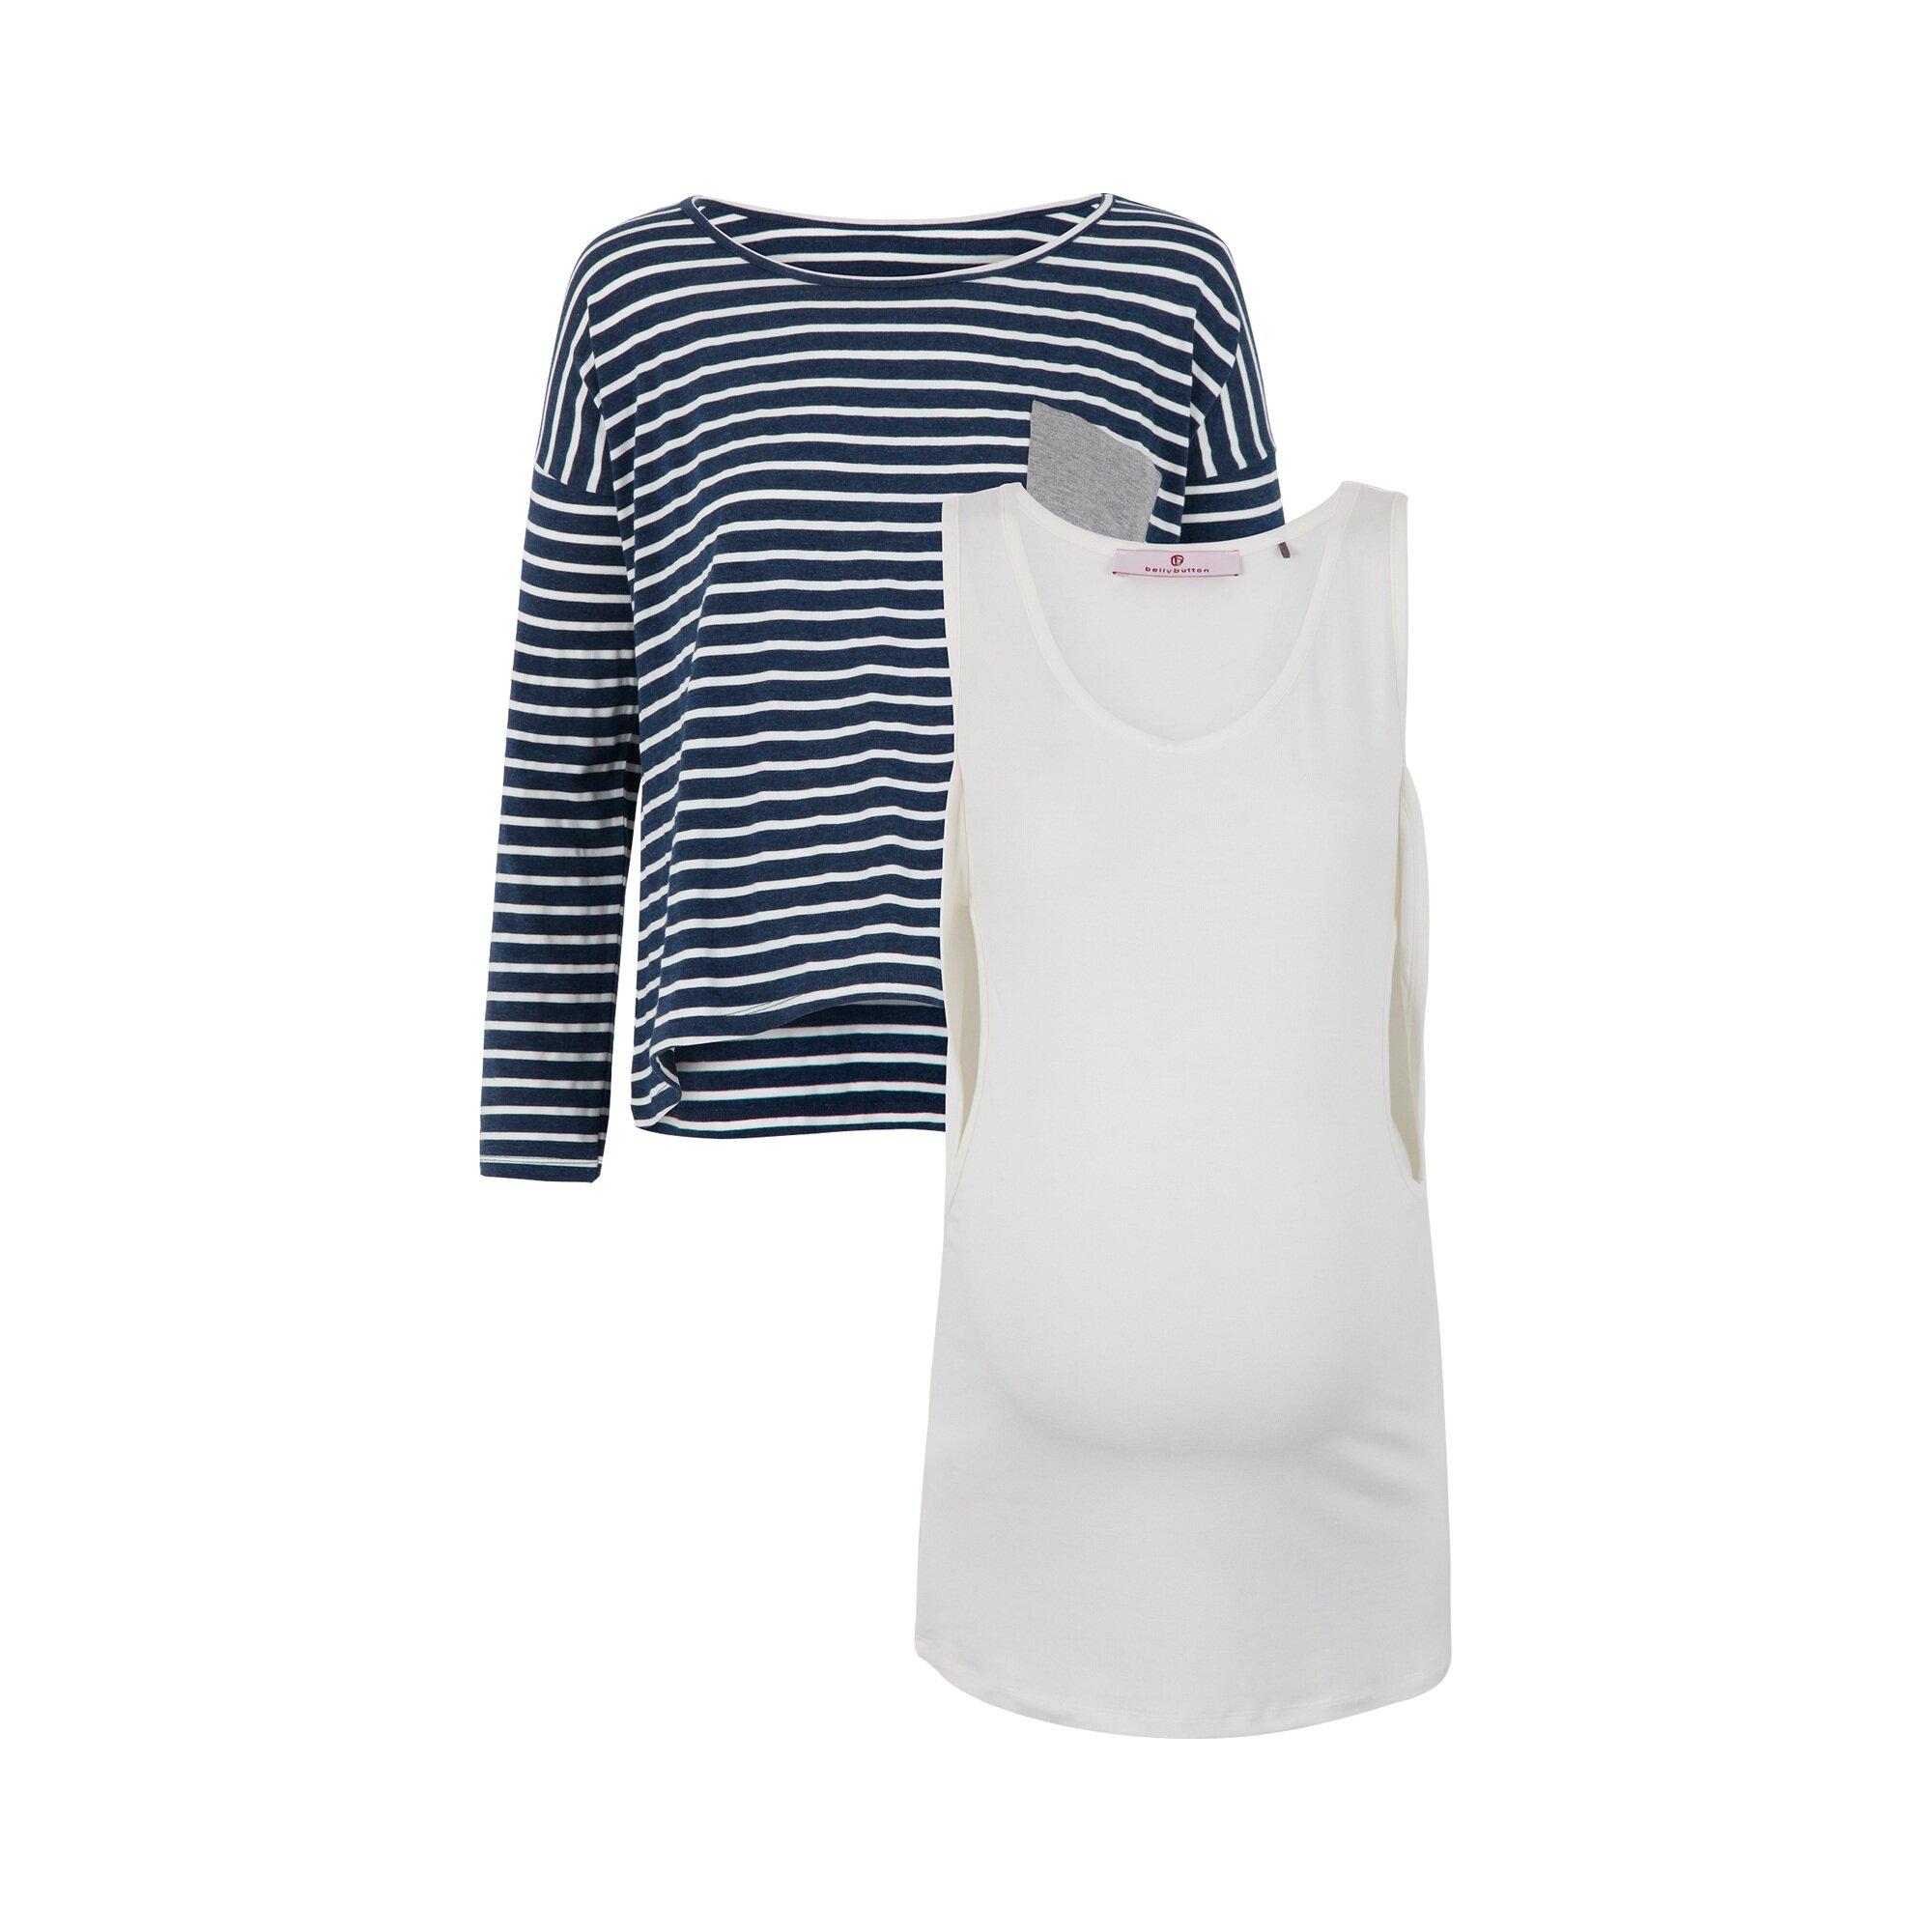 bellybutton-2-tlg-set-umstandsshirt-und-stillshirt-und-umstands-top